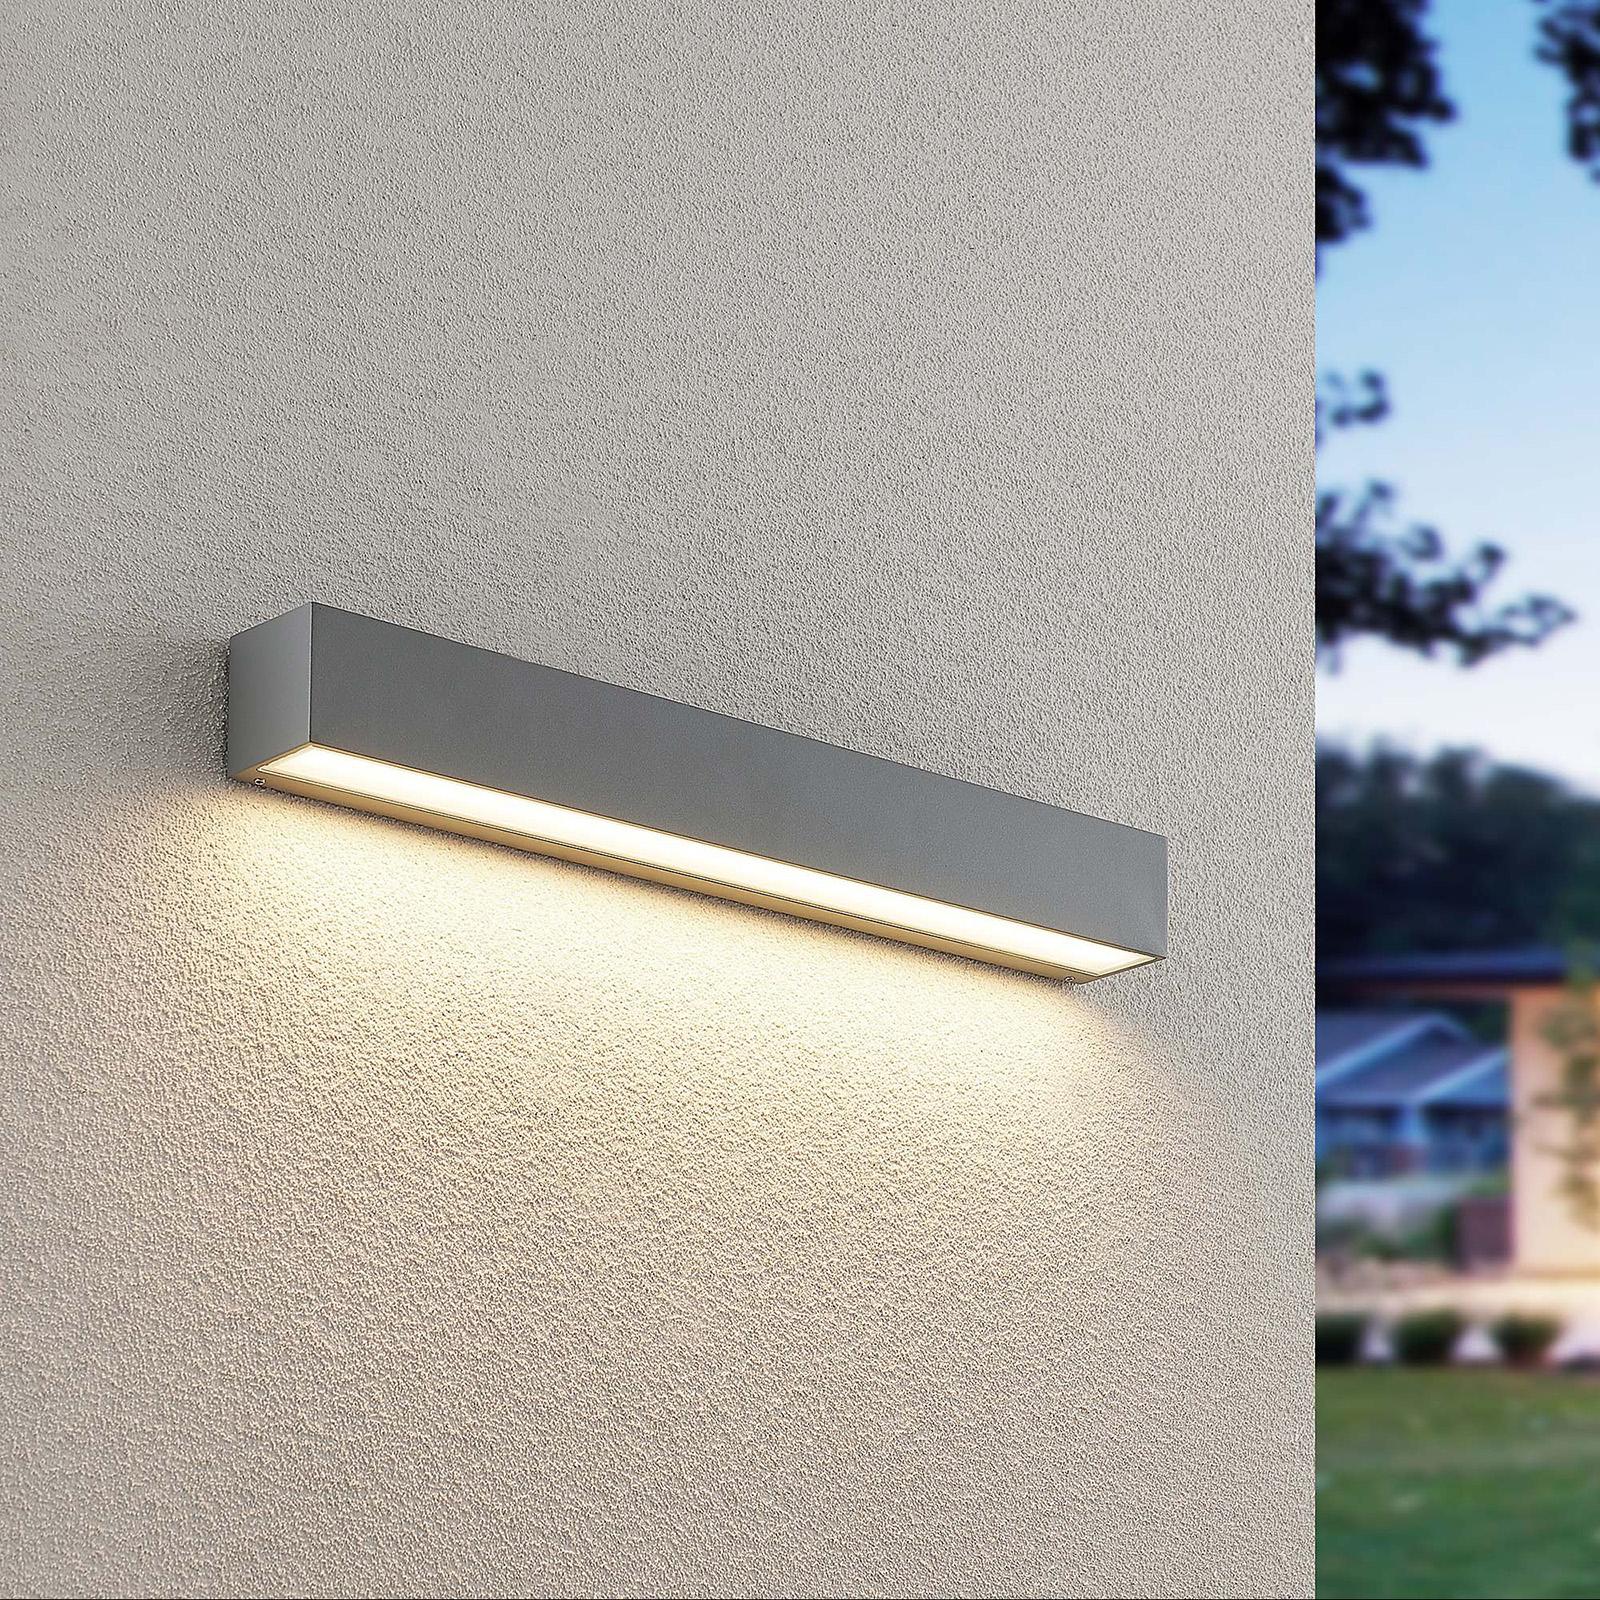 Lucande Lengo LED-vegglampe, 50 cm, sølv, 1-lk.